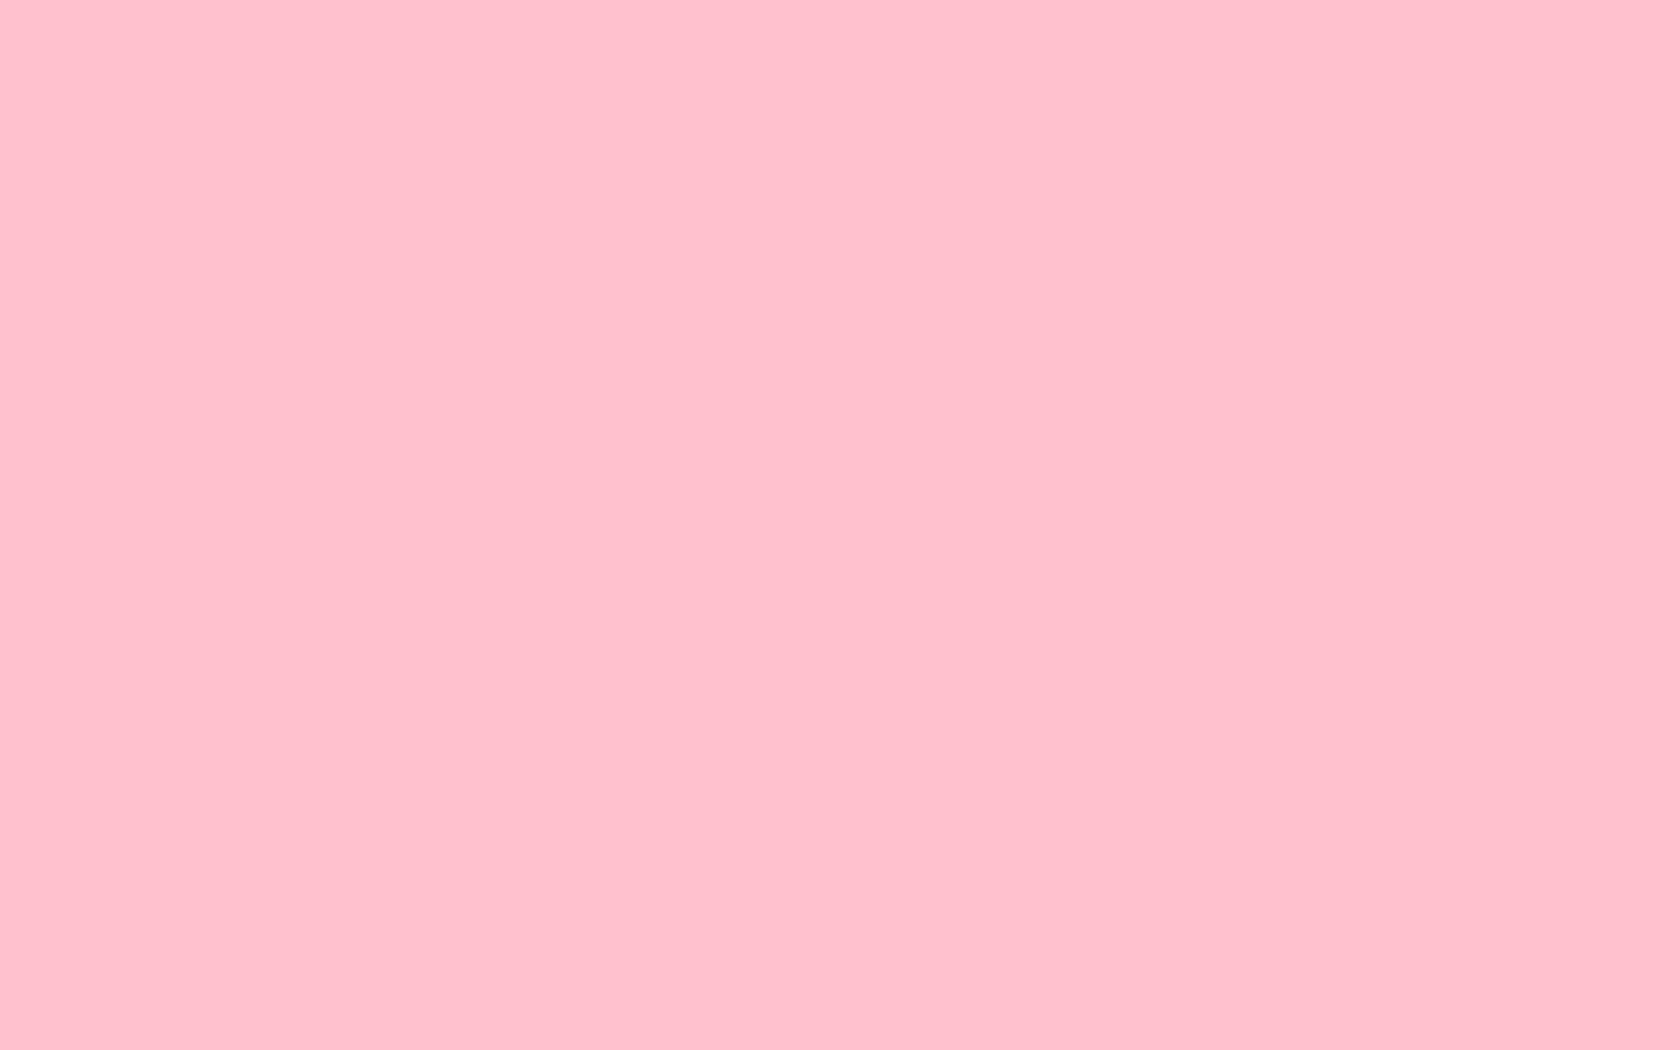 1680x1050 Bubble Gum Solid Color Background